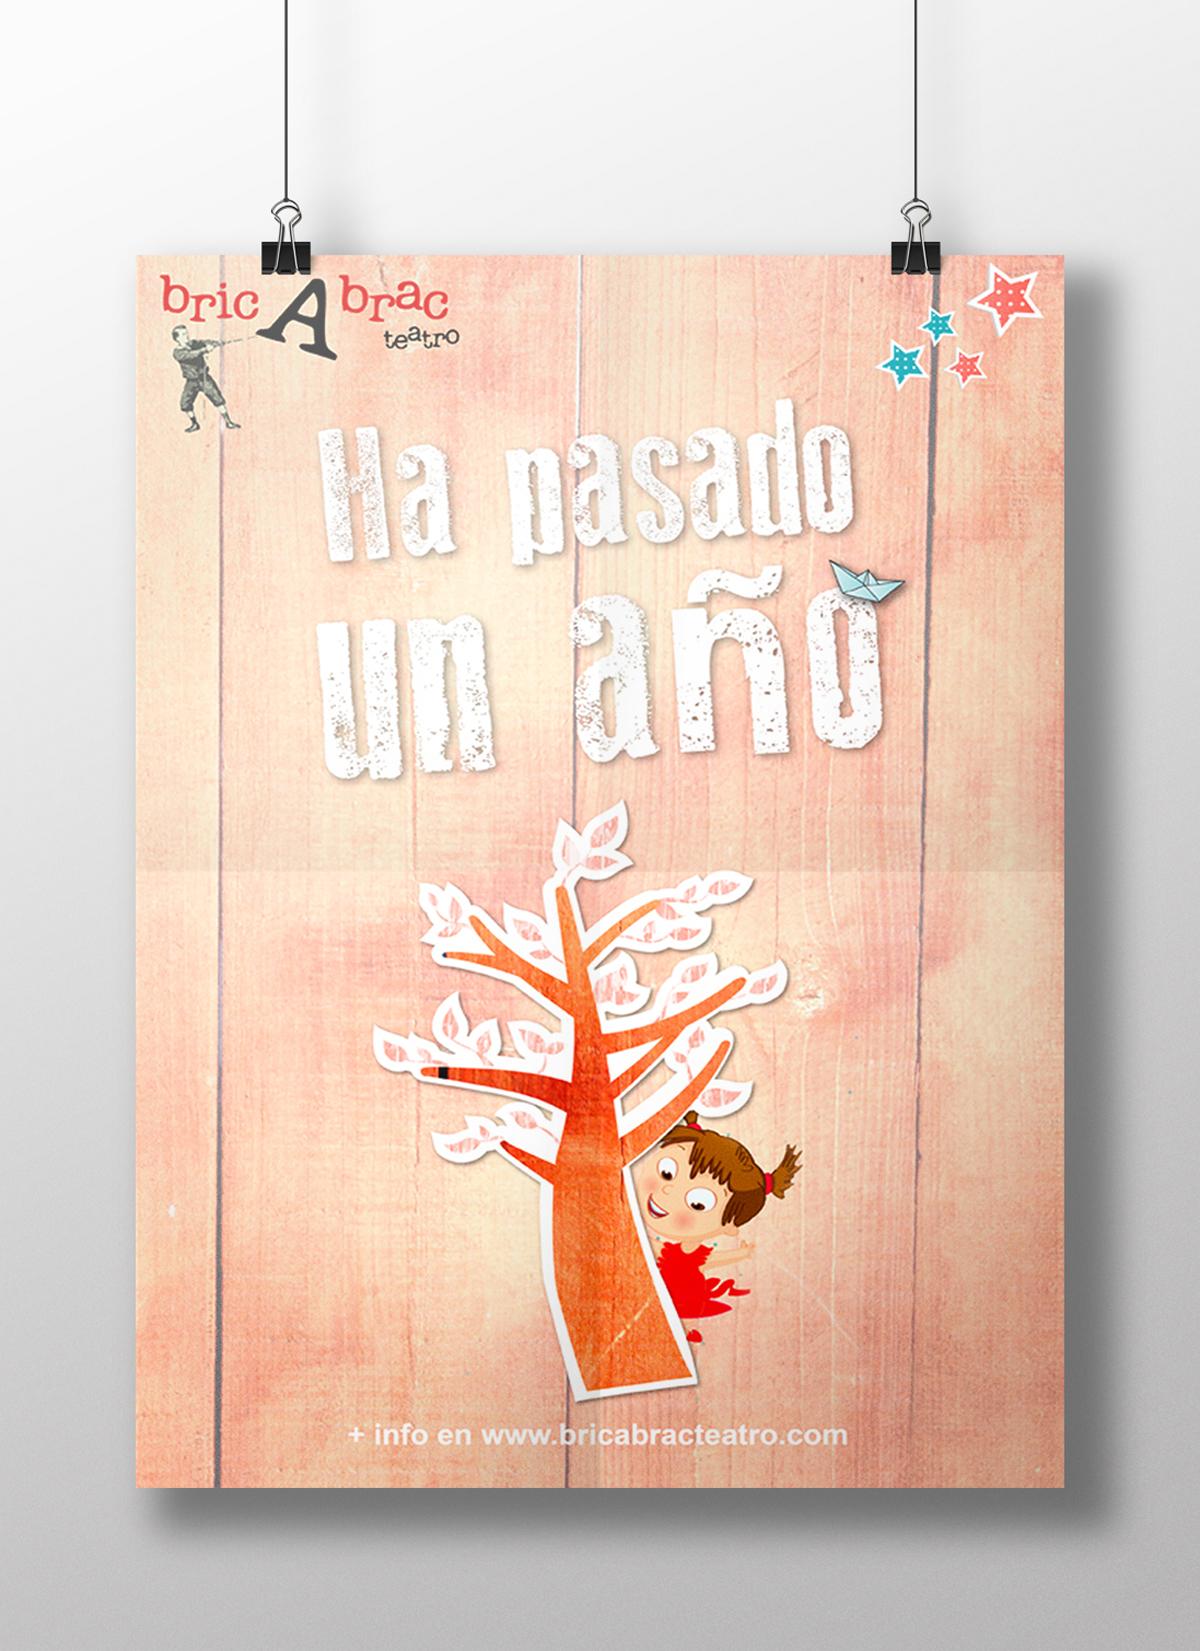 CARTEL – HA PASADO UN AÑO Diseño del Cartel de HA PASADO UN AÑO de la compañía bricAbrac Teatro, Sevilla (España). Septiembre 2015 #gráfico / #Cartel / #artwork / #berth99 / #bricAbracTeatro / #HaPasadoUnAño